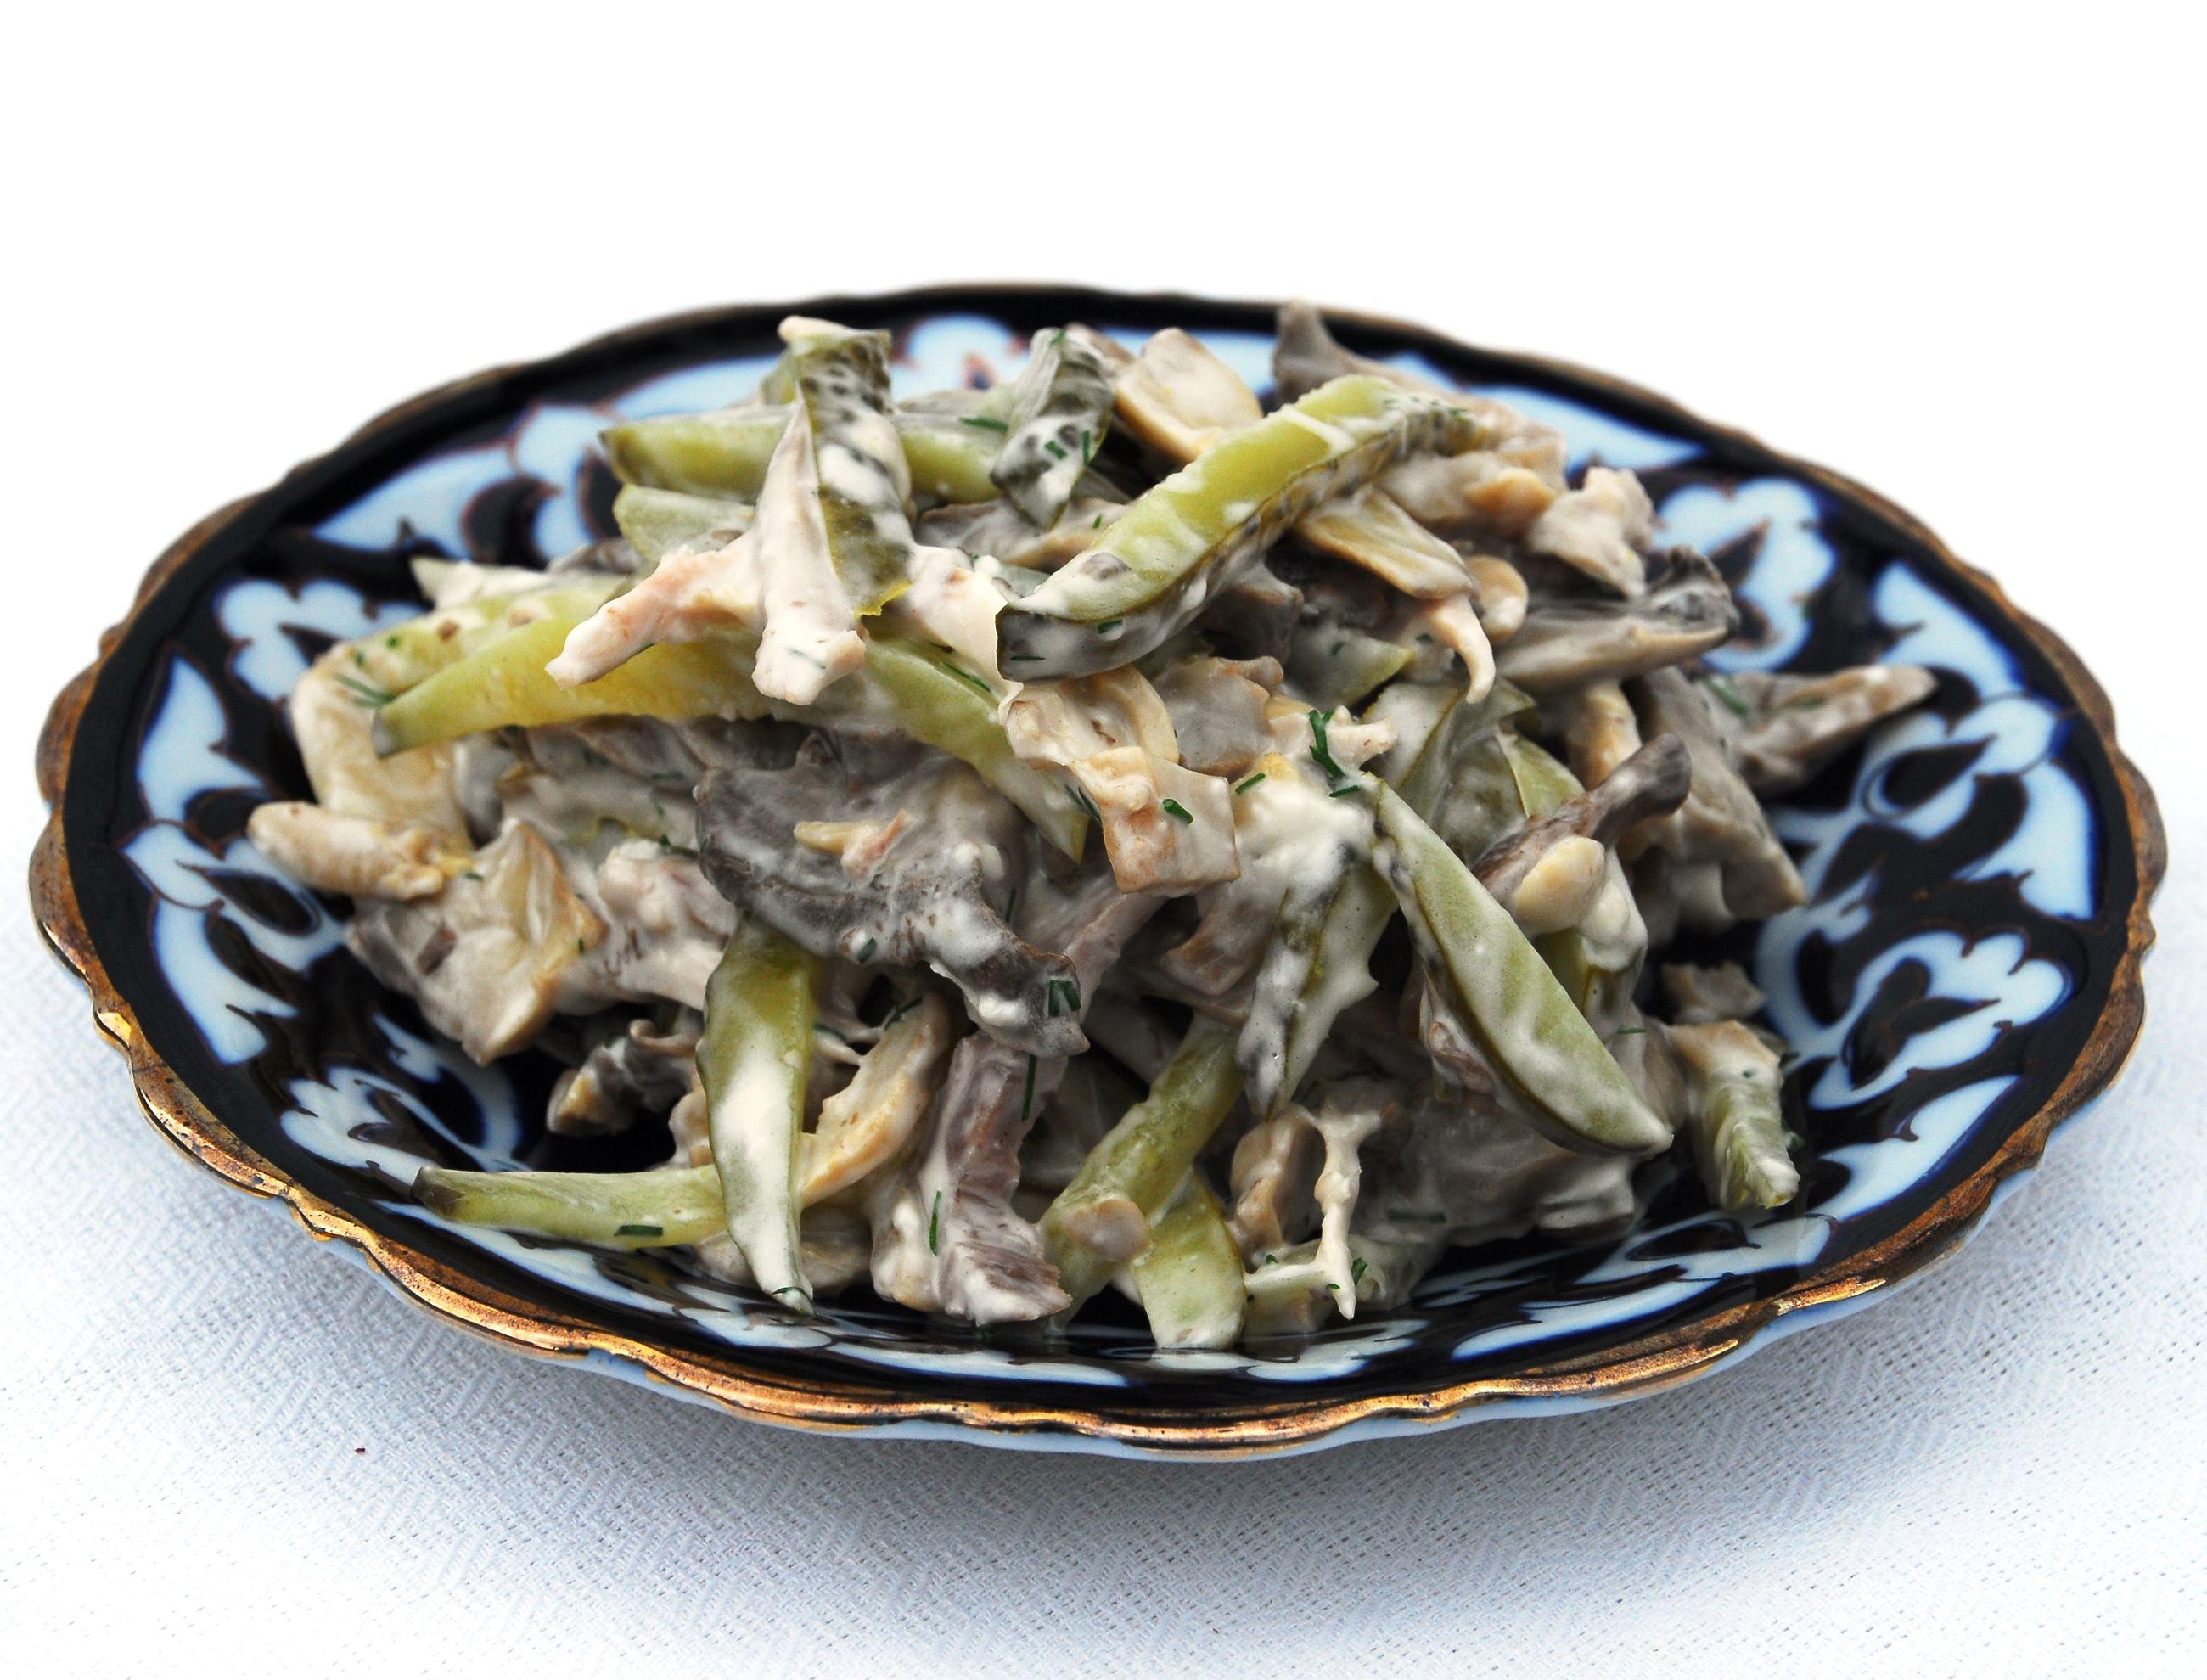 первый рецепт - салат с языком, шампиньонами и маринованными огурцами фото 1